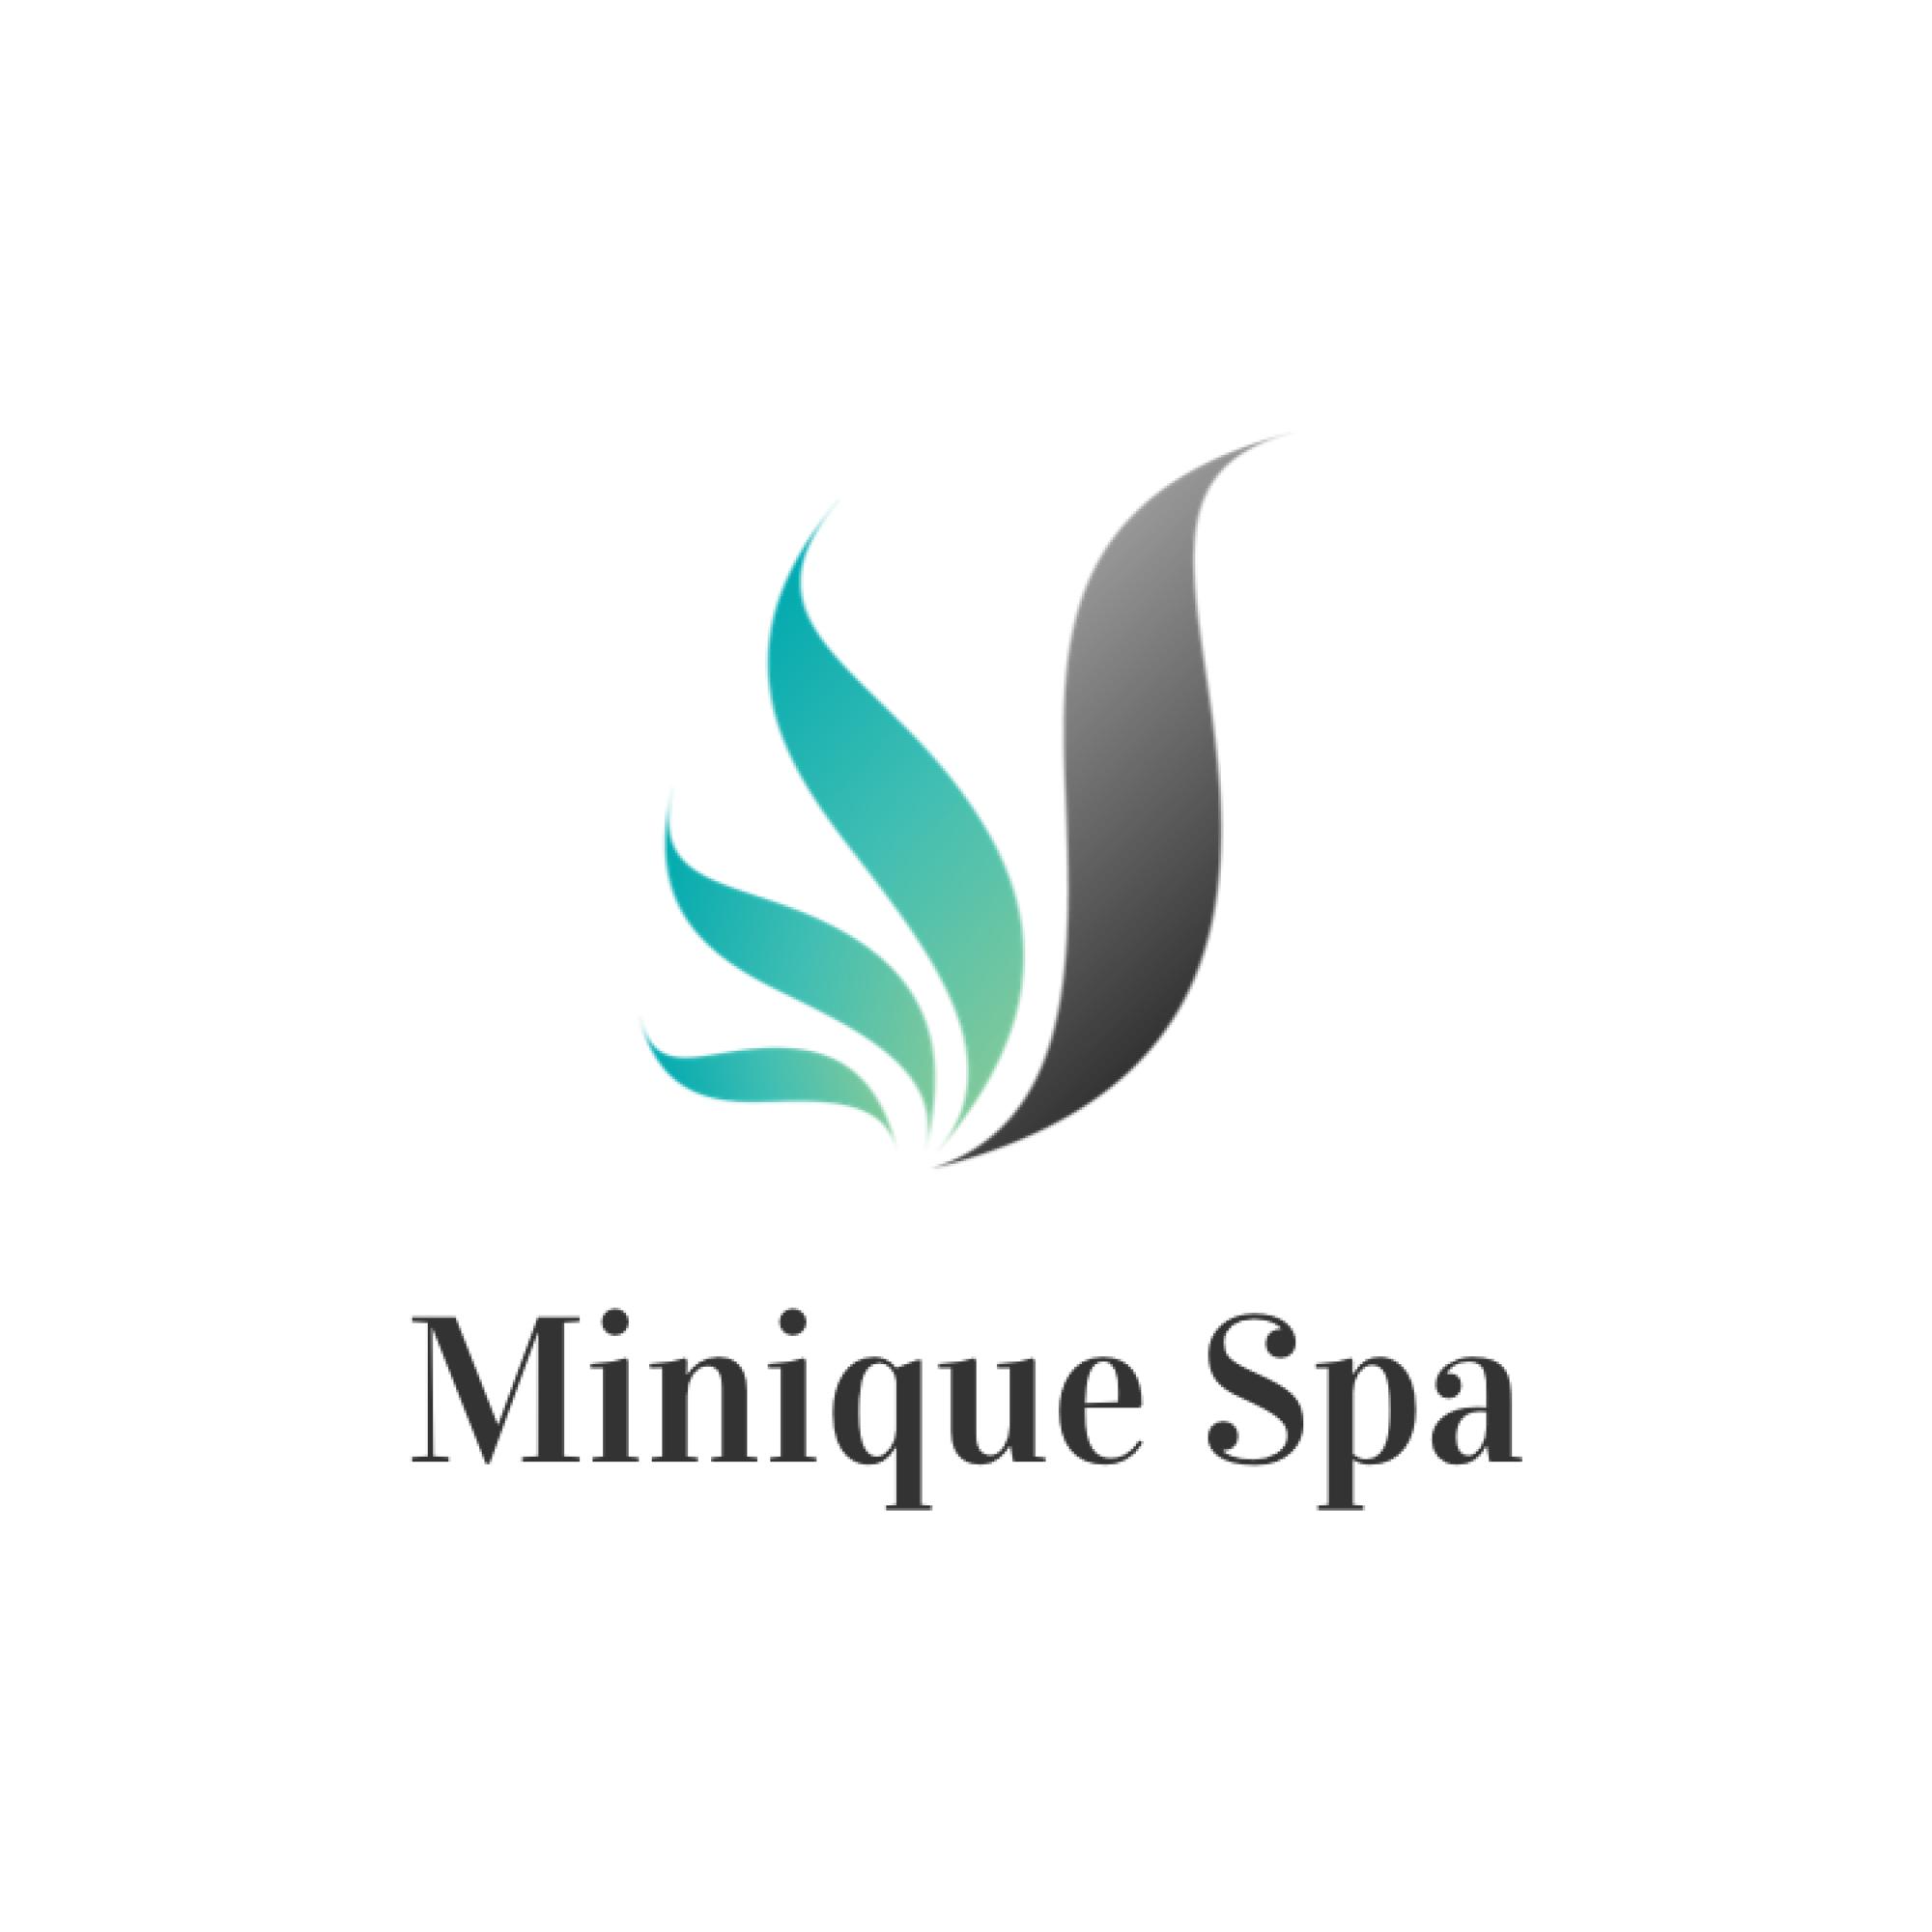 Minique Spa